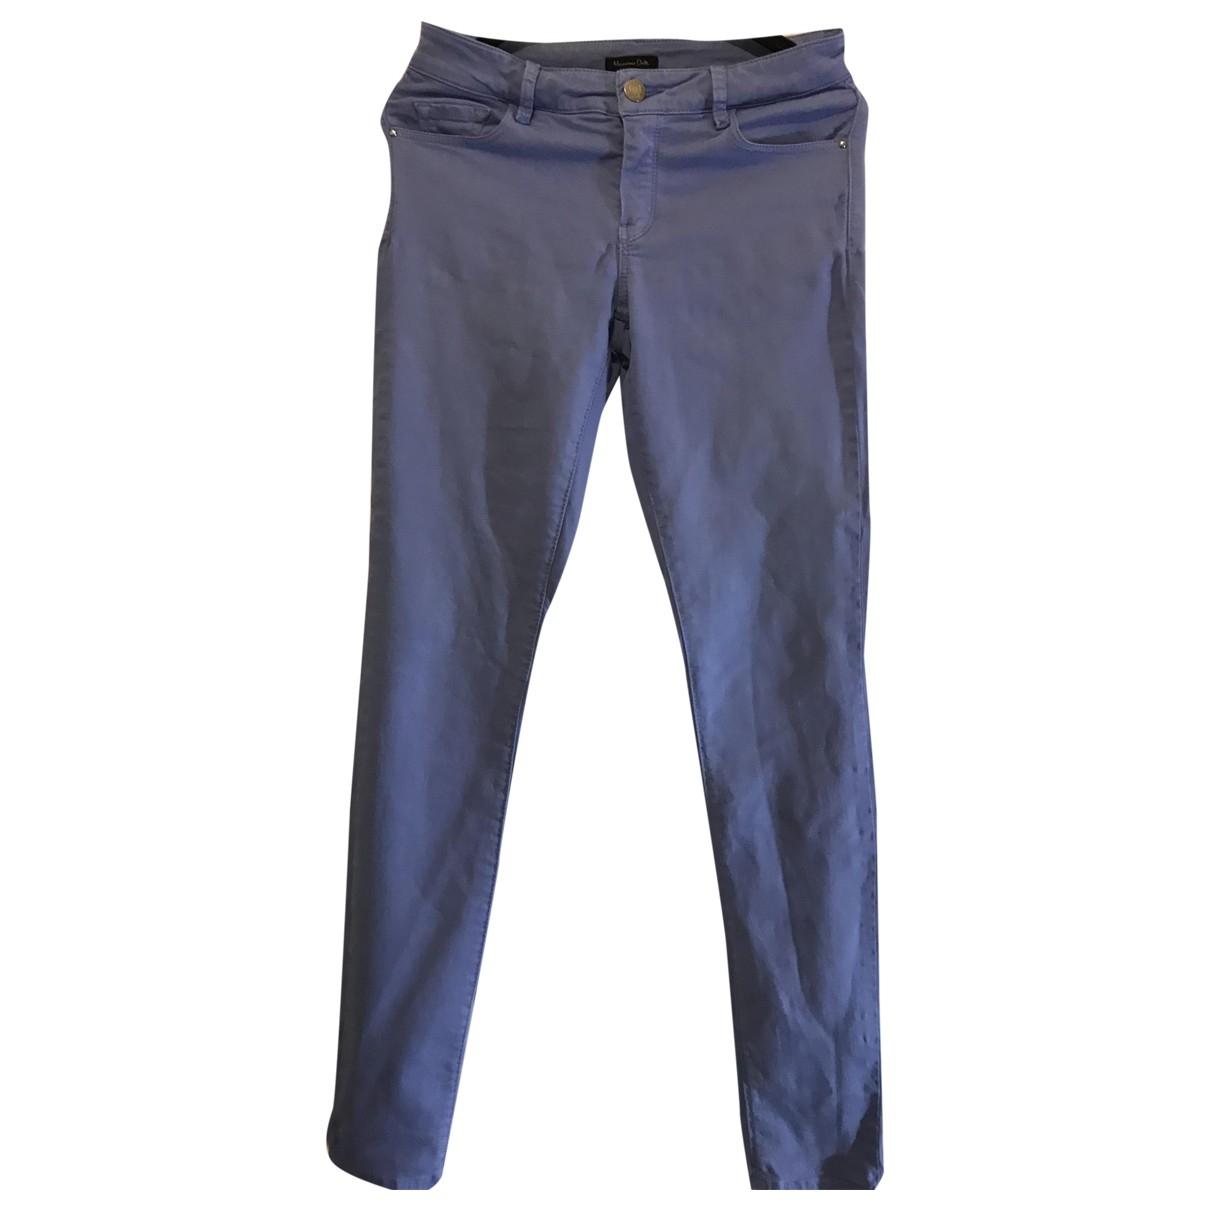 Massimo Dutti \N Blue Denim - Jeans Jeans for Women 36 FR